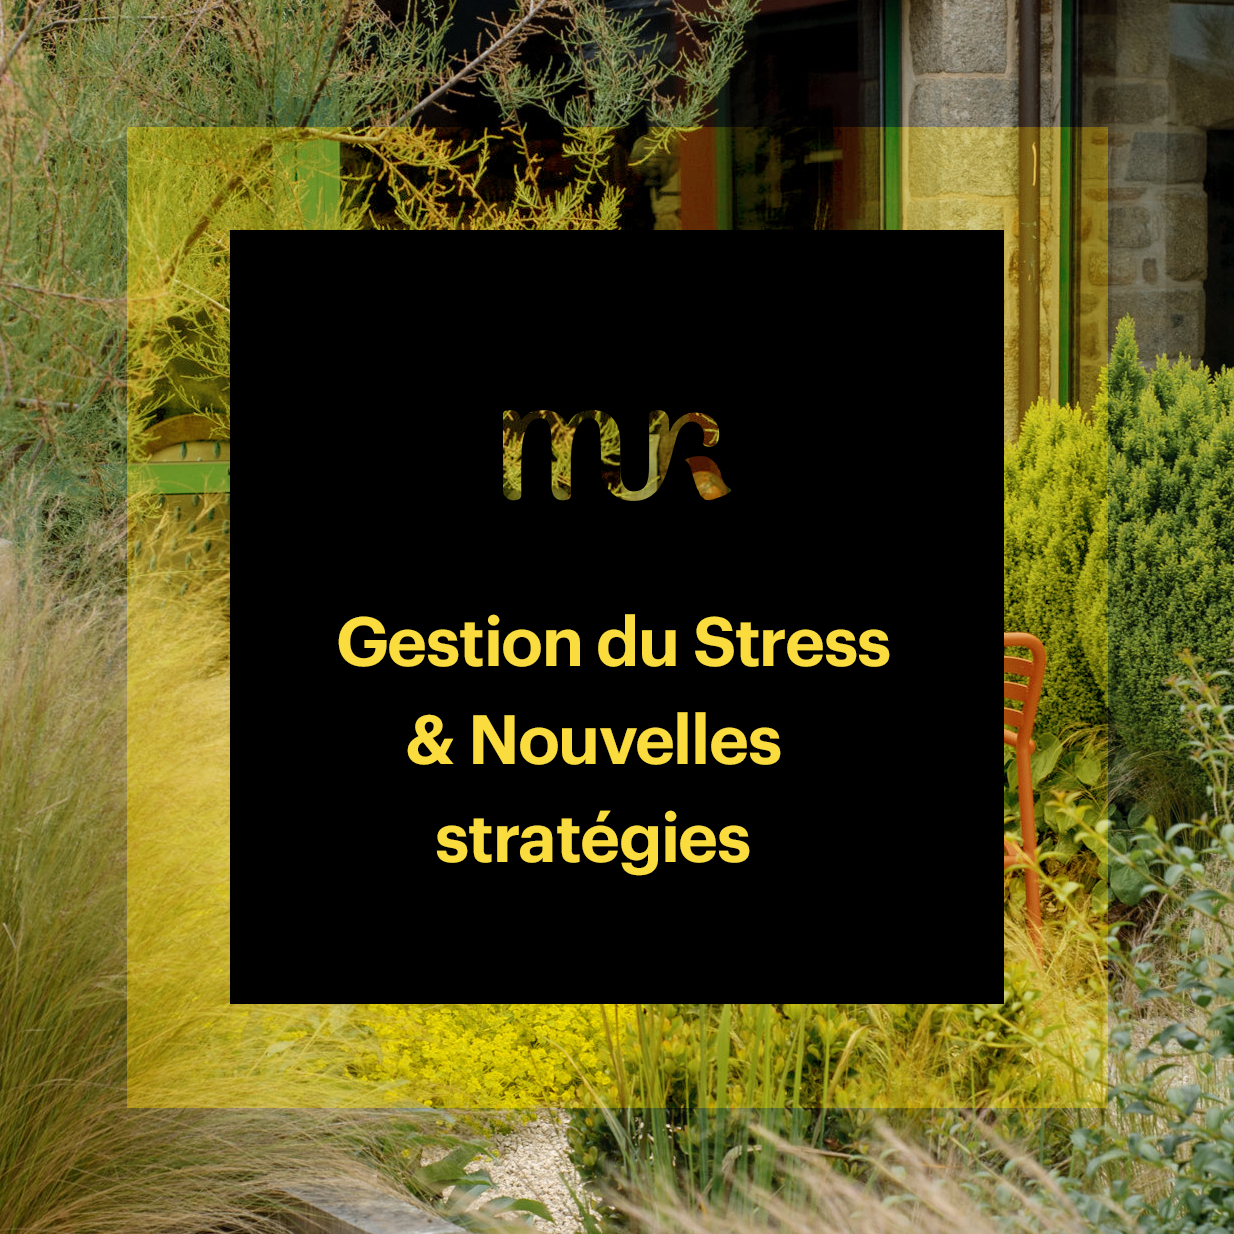 Atelier gestion du stress et nouvelles stratégies